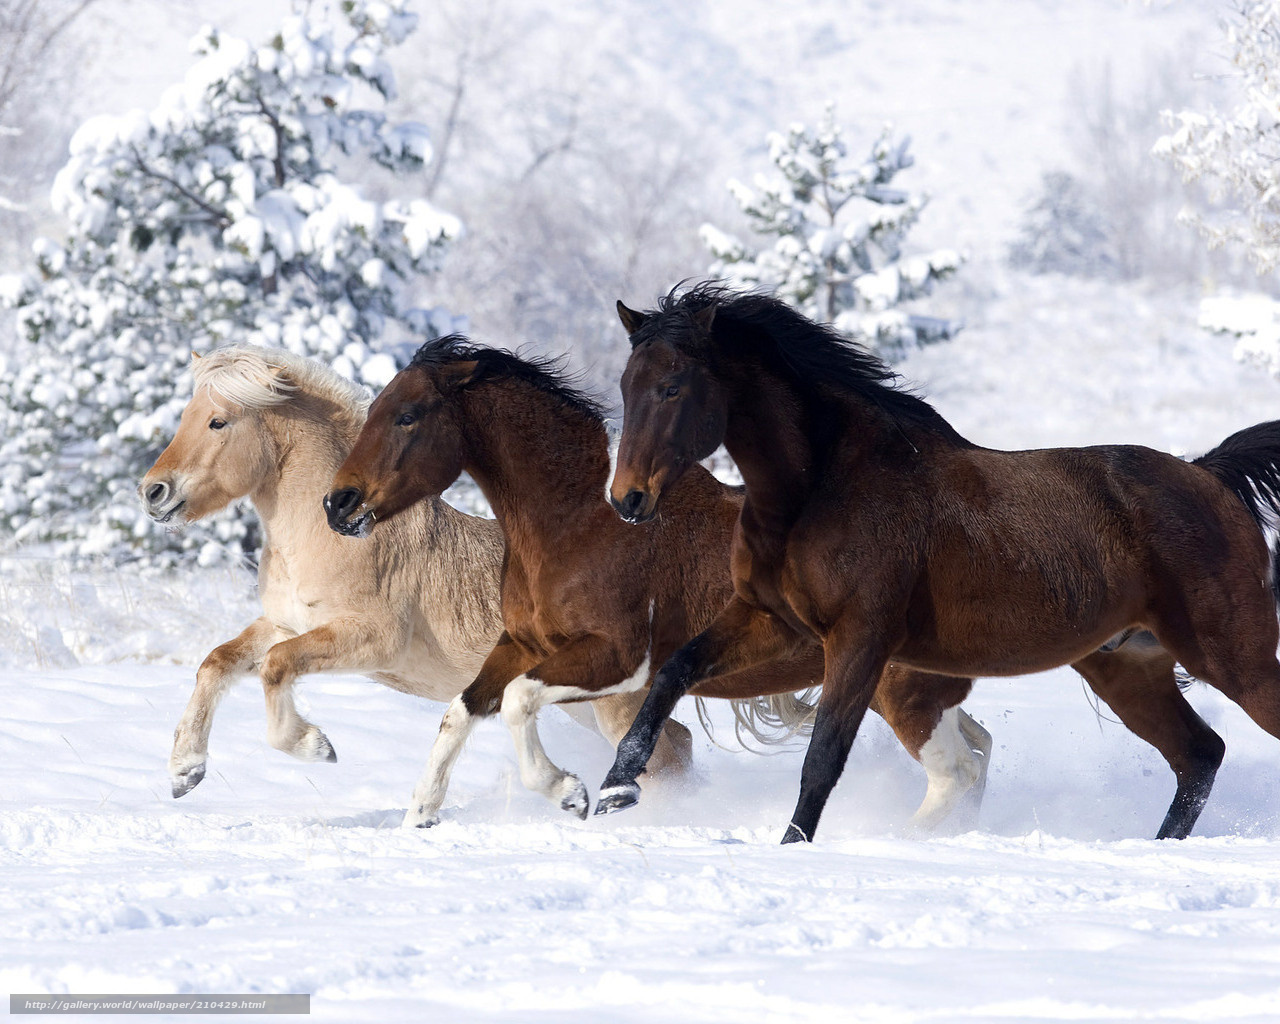 Tlcharger fond d 39 ecran cheval trois neige hiver fonds d for Fond ecran hiver animaux